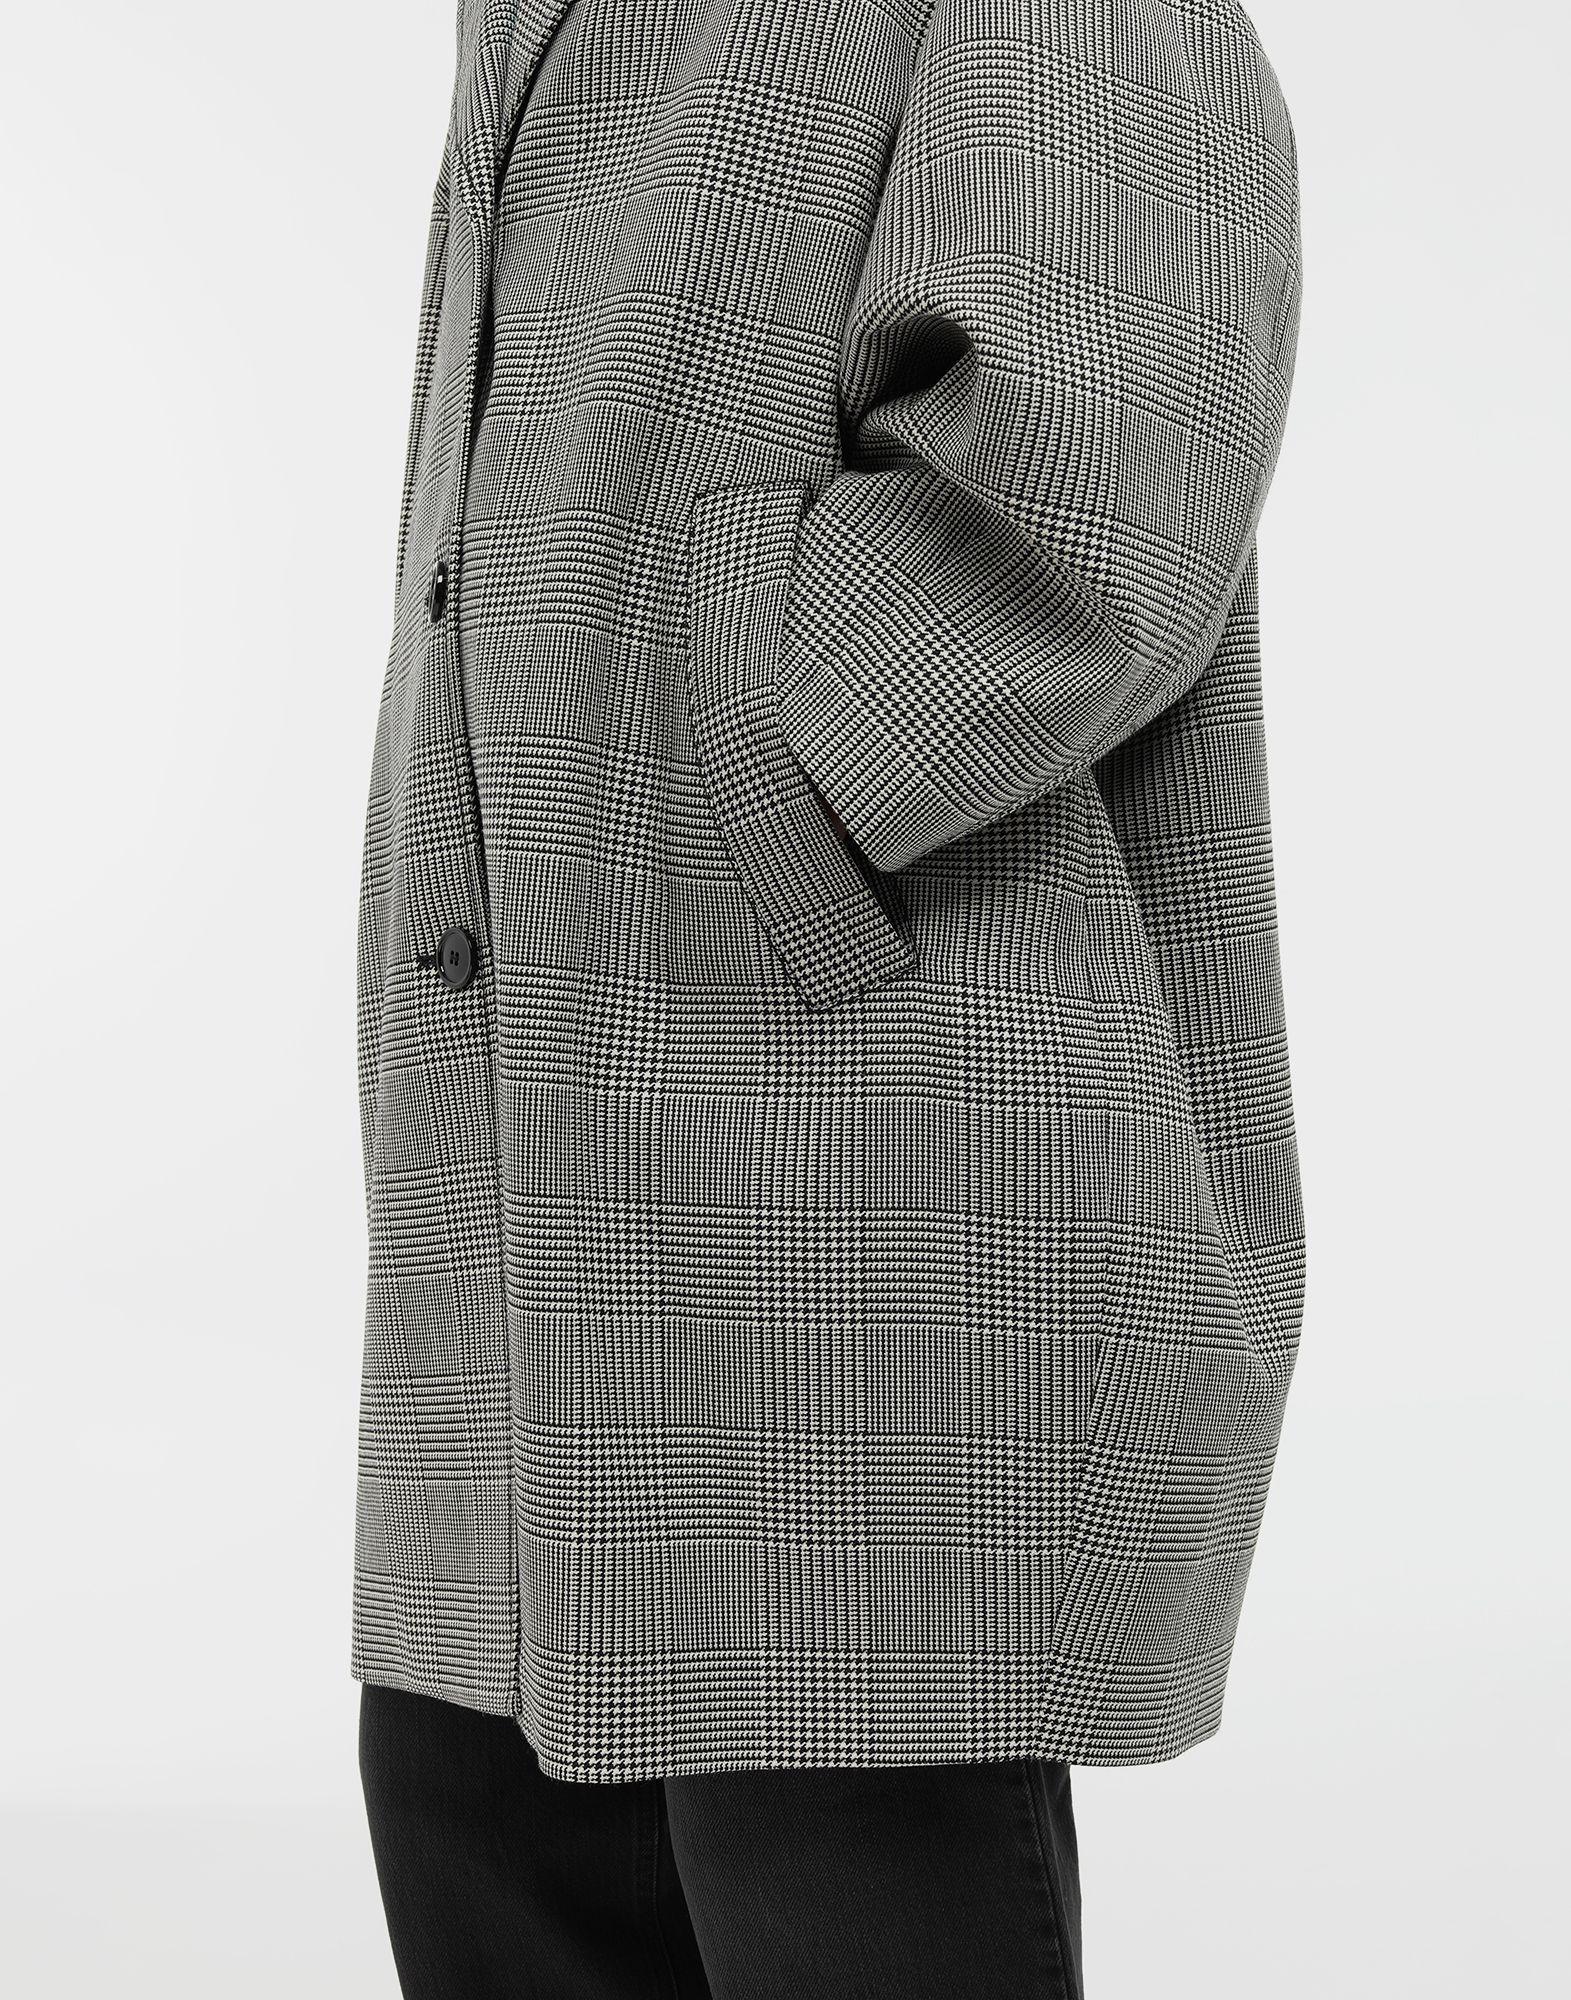 MM6 MAISON MARGIELA Oversized checked coat Coat Woman b